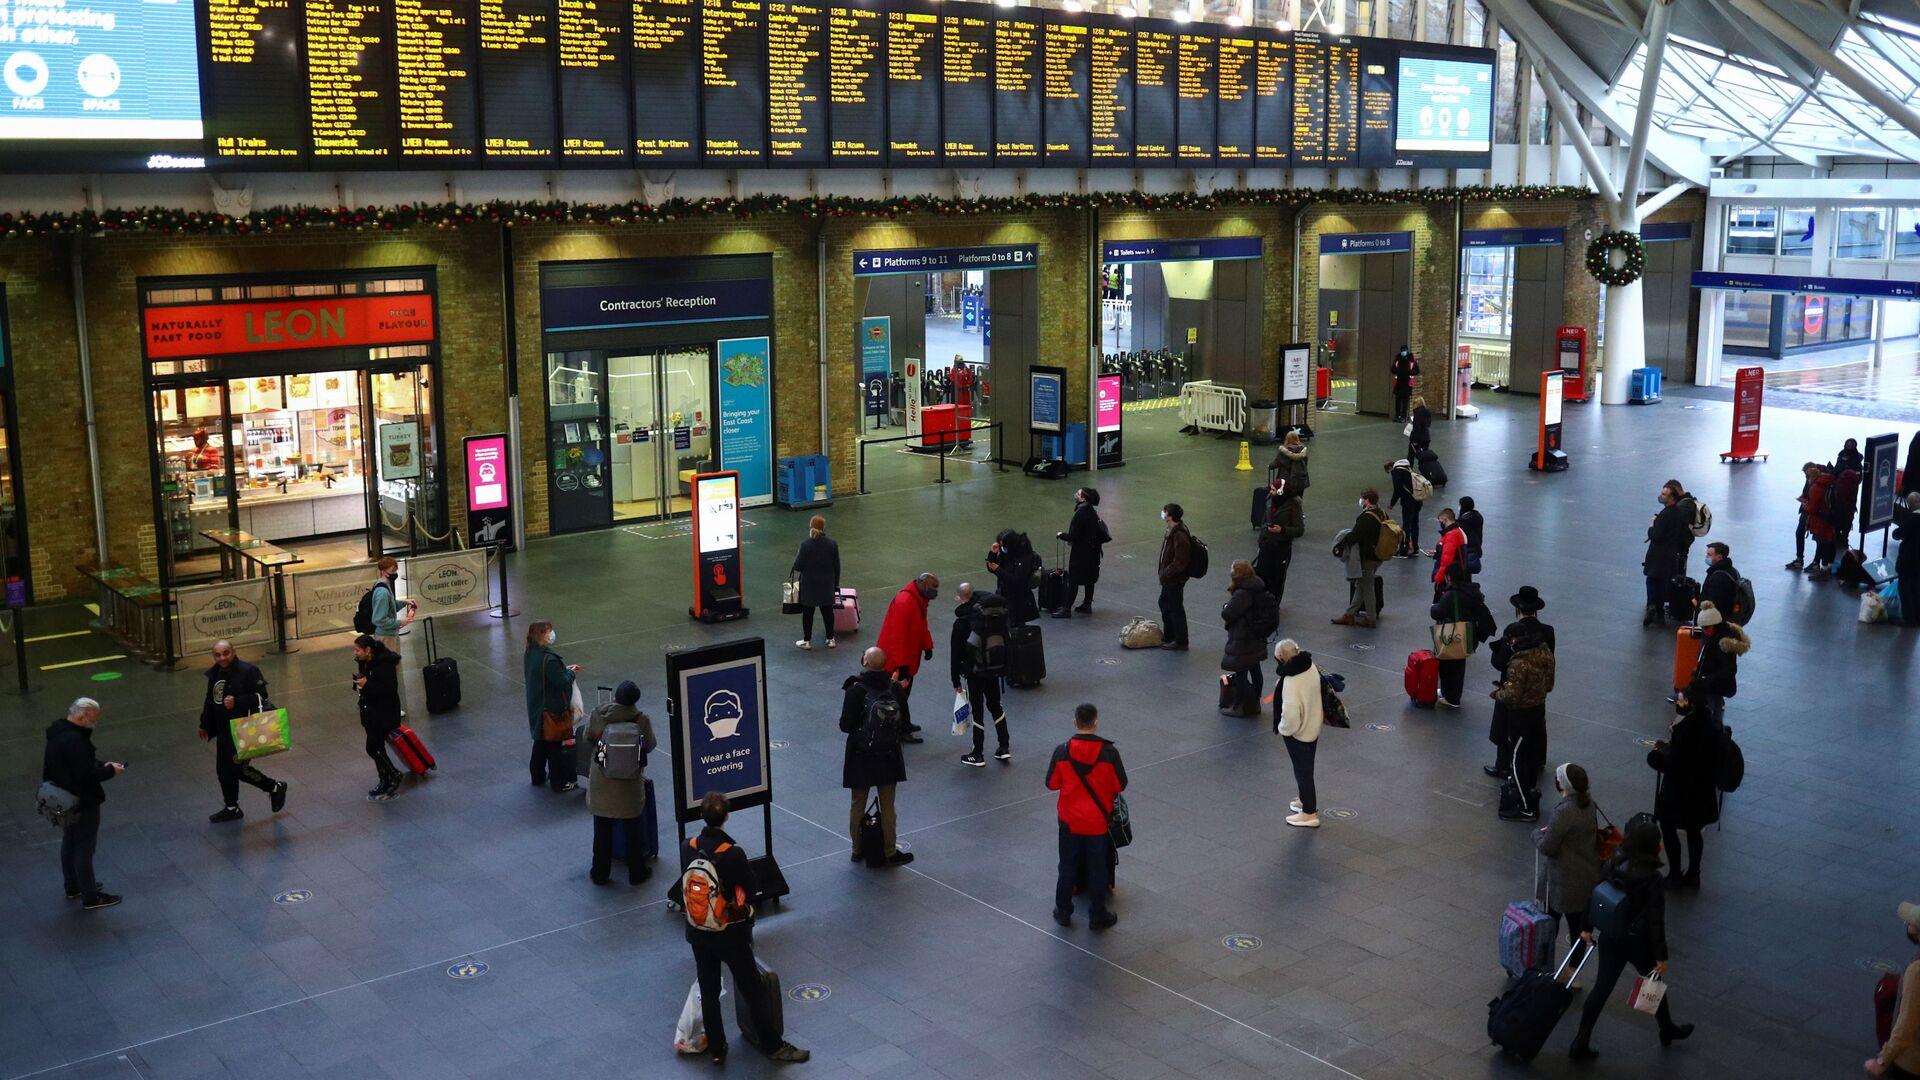 Туристы на вокзале Кингс-Кросс в Лондоне, Великобритания - Sputnik Узбекистан, 1920, 19.07.2021